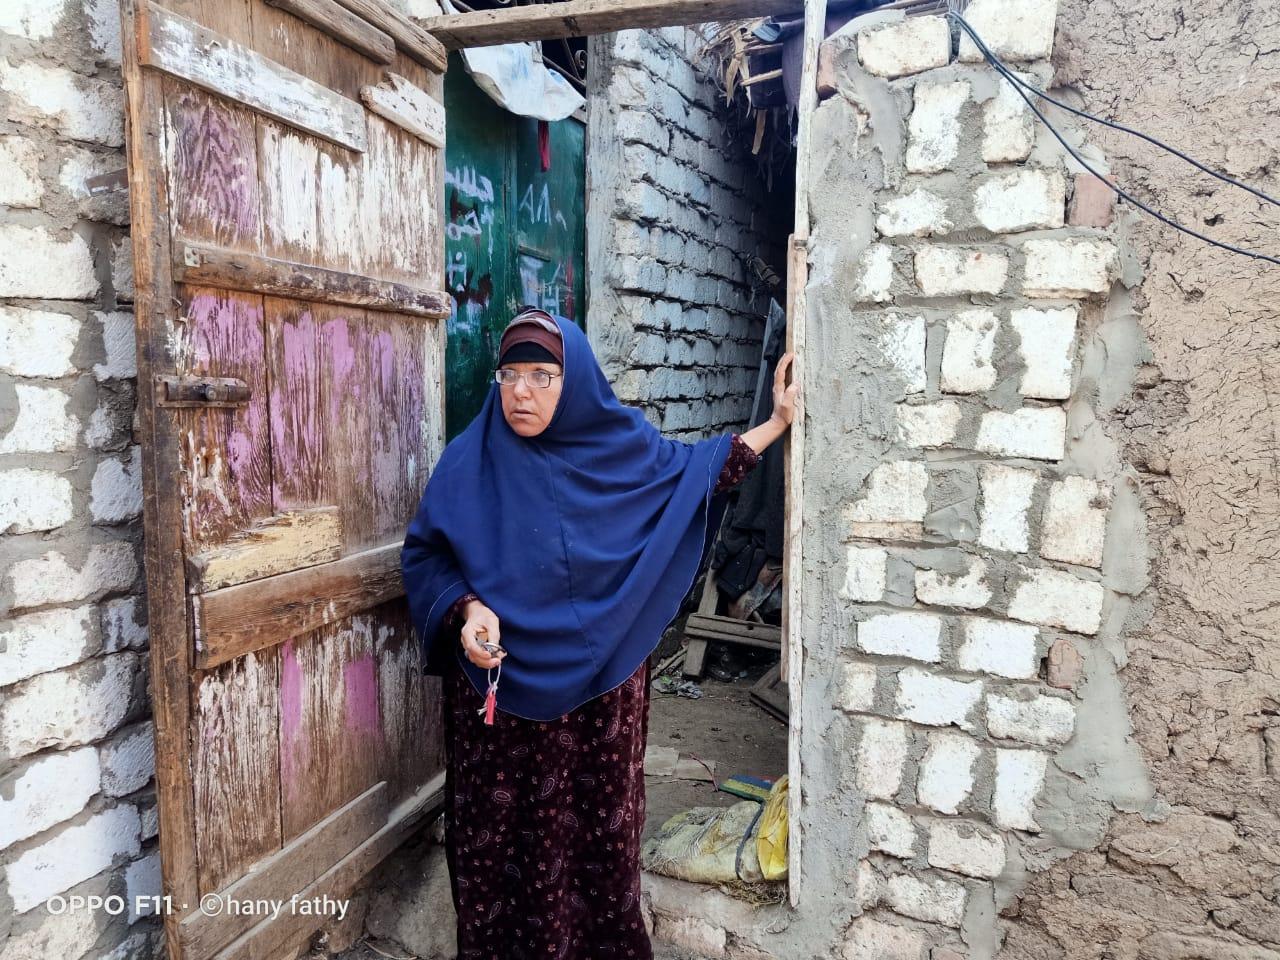 261446--قرية-نزلة-الزاوية--عمار--التابعة-لمركز-ببا-بمحافظة-بنى-سويف-(5)